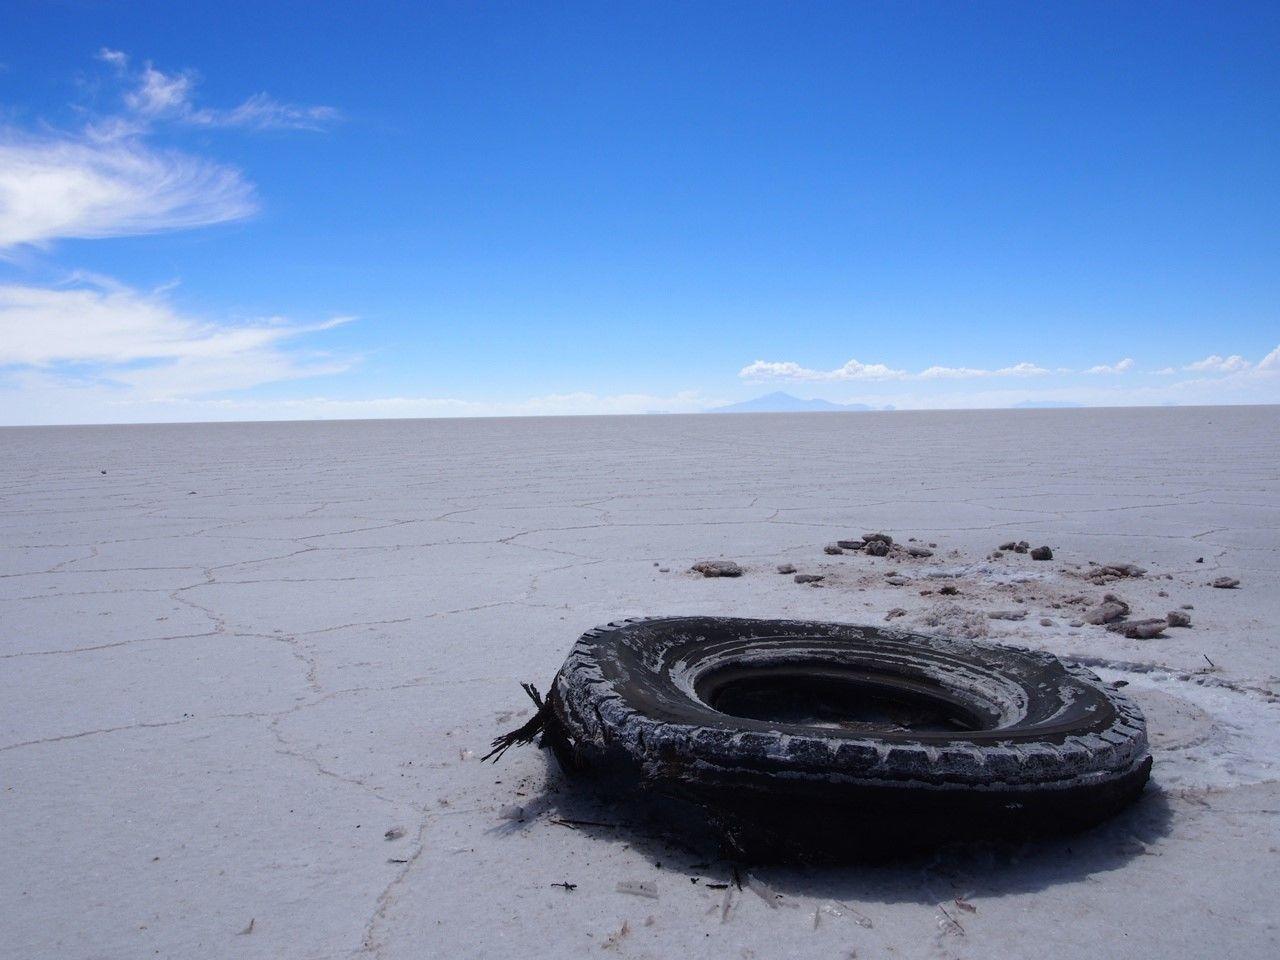 雨季だけじゃない。乾季のウユニ塩湖も絶景!